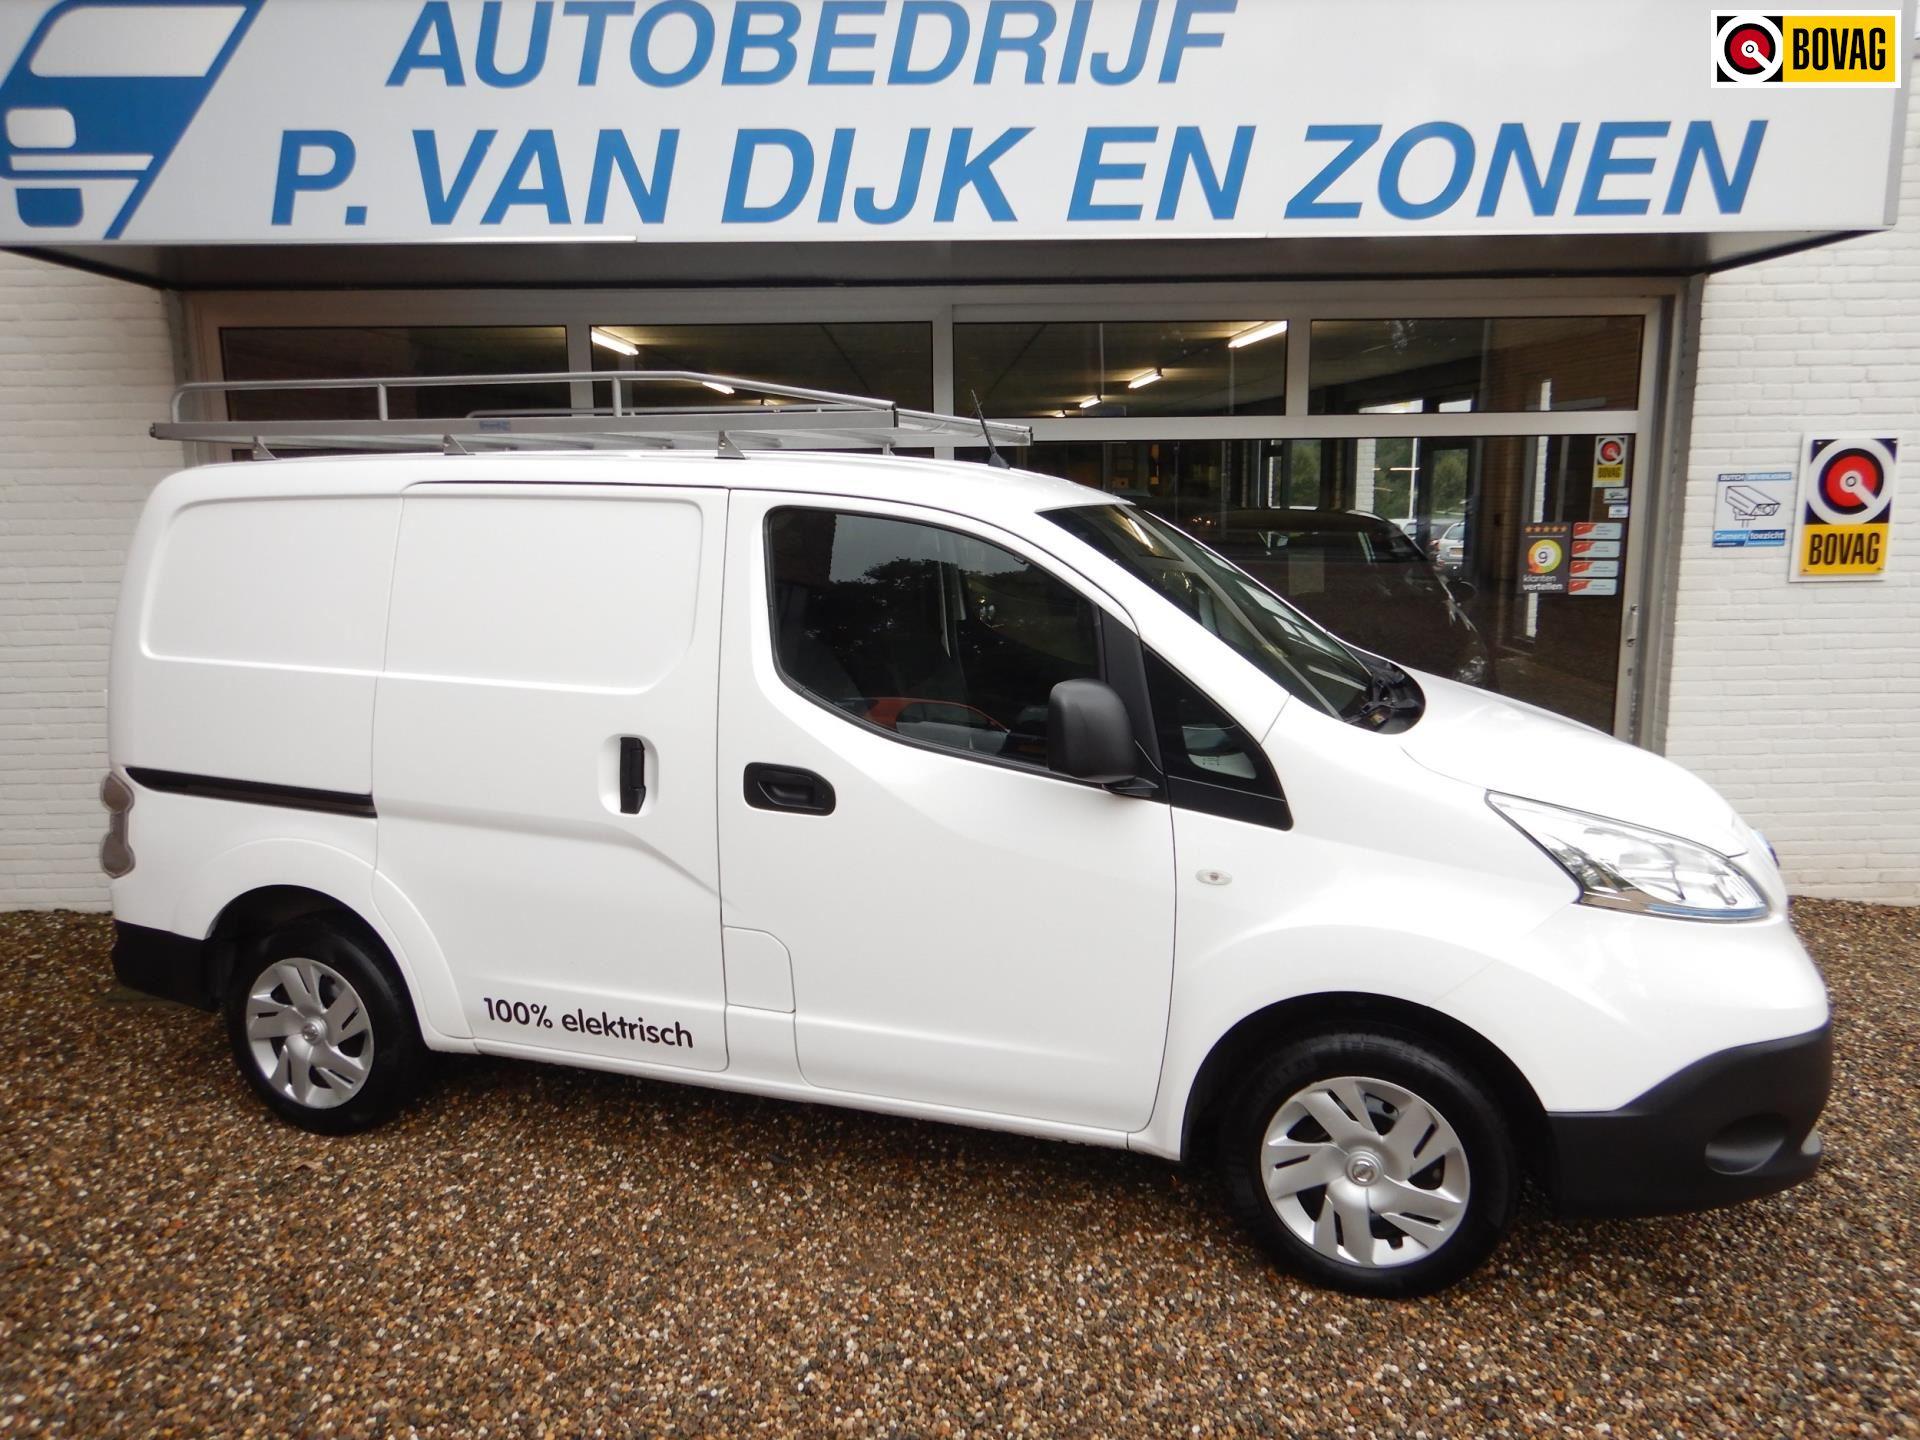 Nissan E-NV200 occasion - Autobedrijf P. van Dijk en Zonen